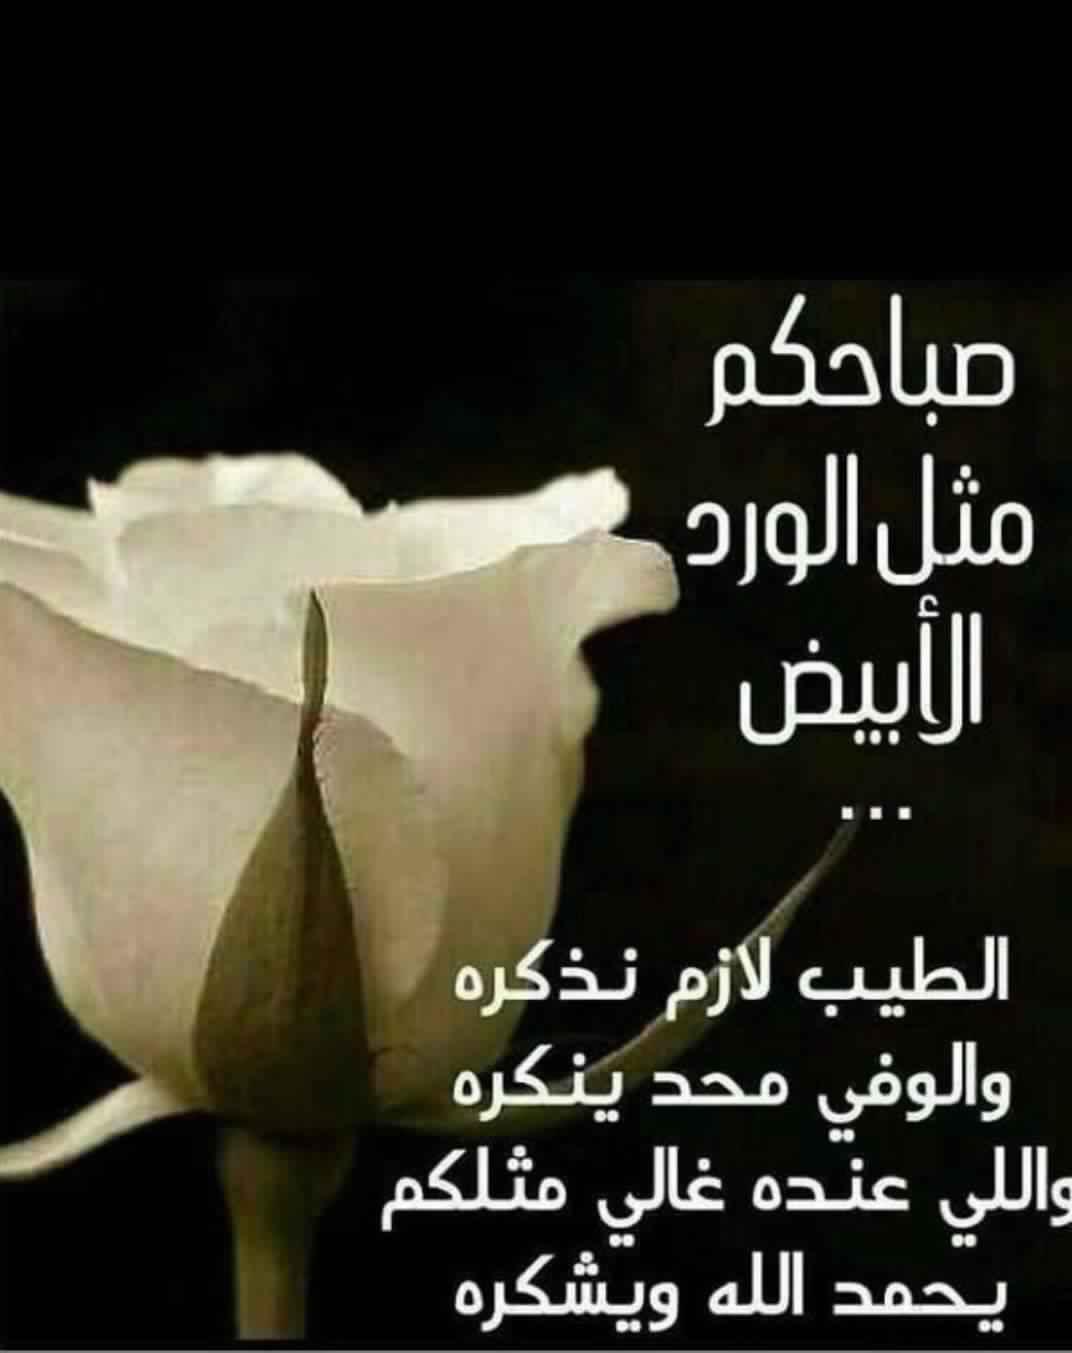 صباحكم مثل الورد الأبيض